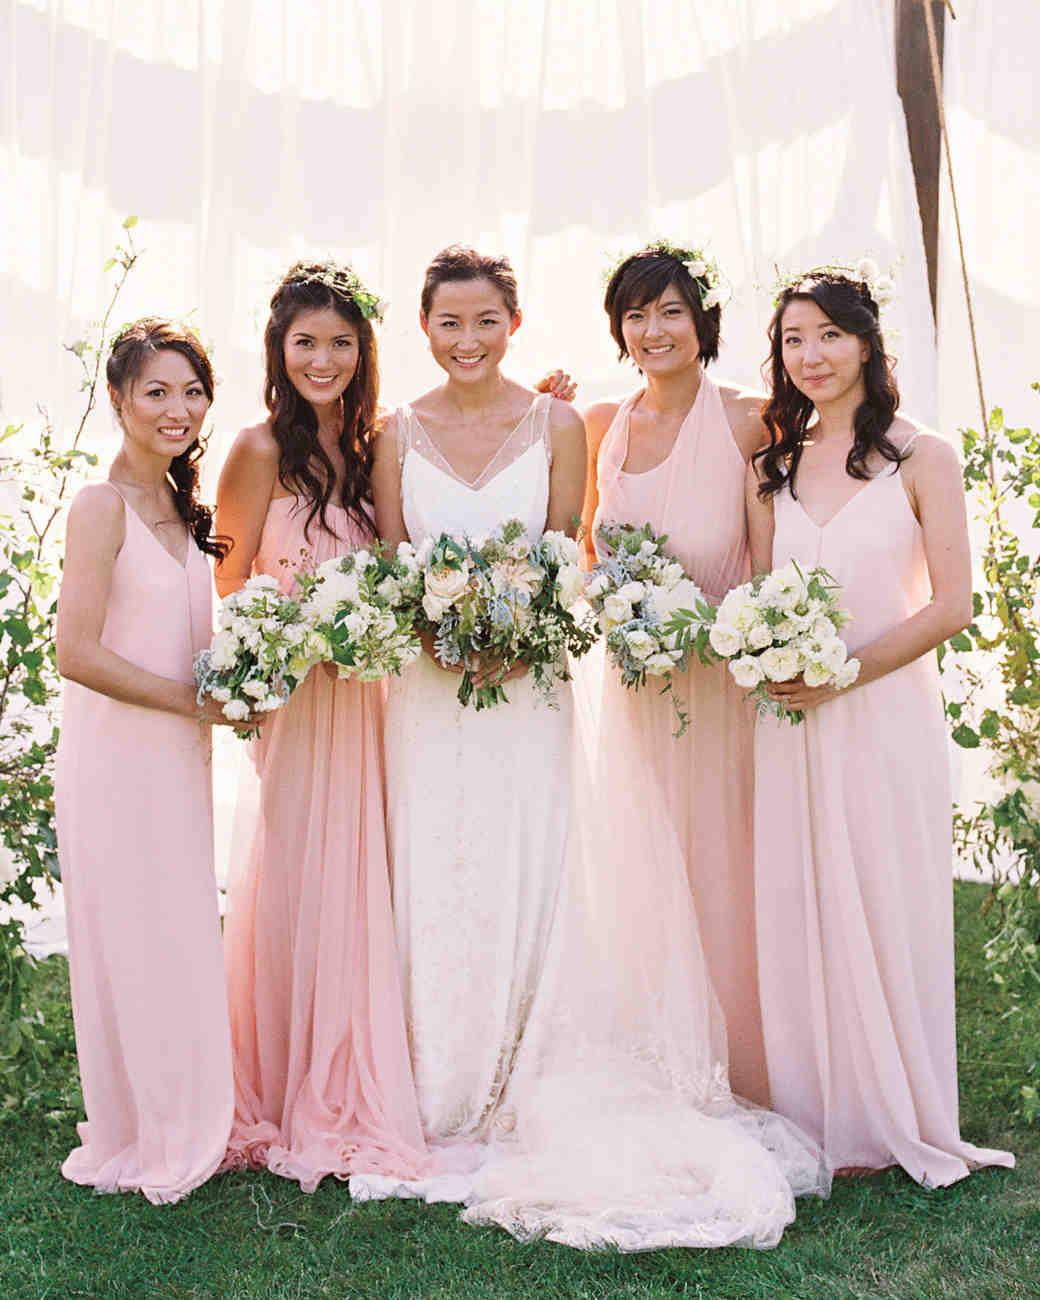 jennifer-canute-bridesmaids-003745-017-mwds110285.jpg